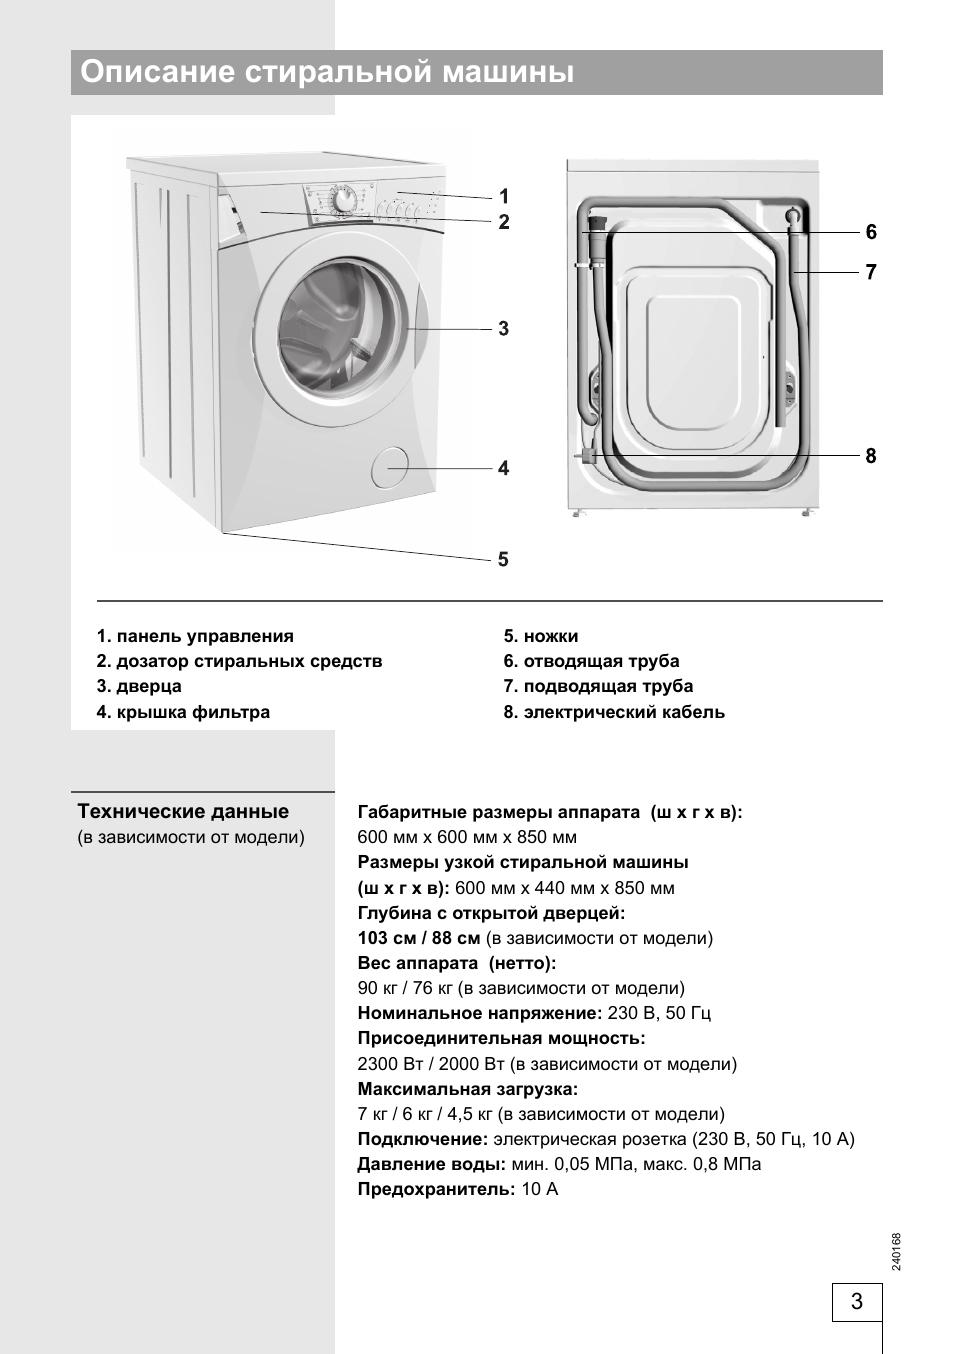 Описание стиральной машины